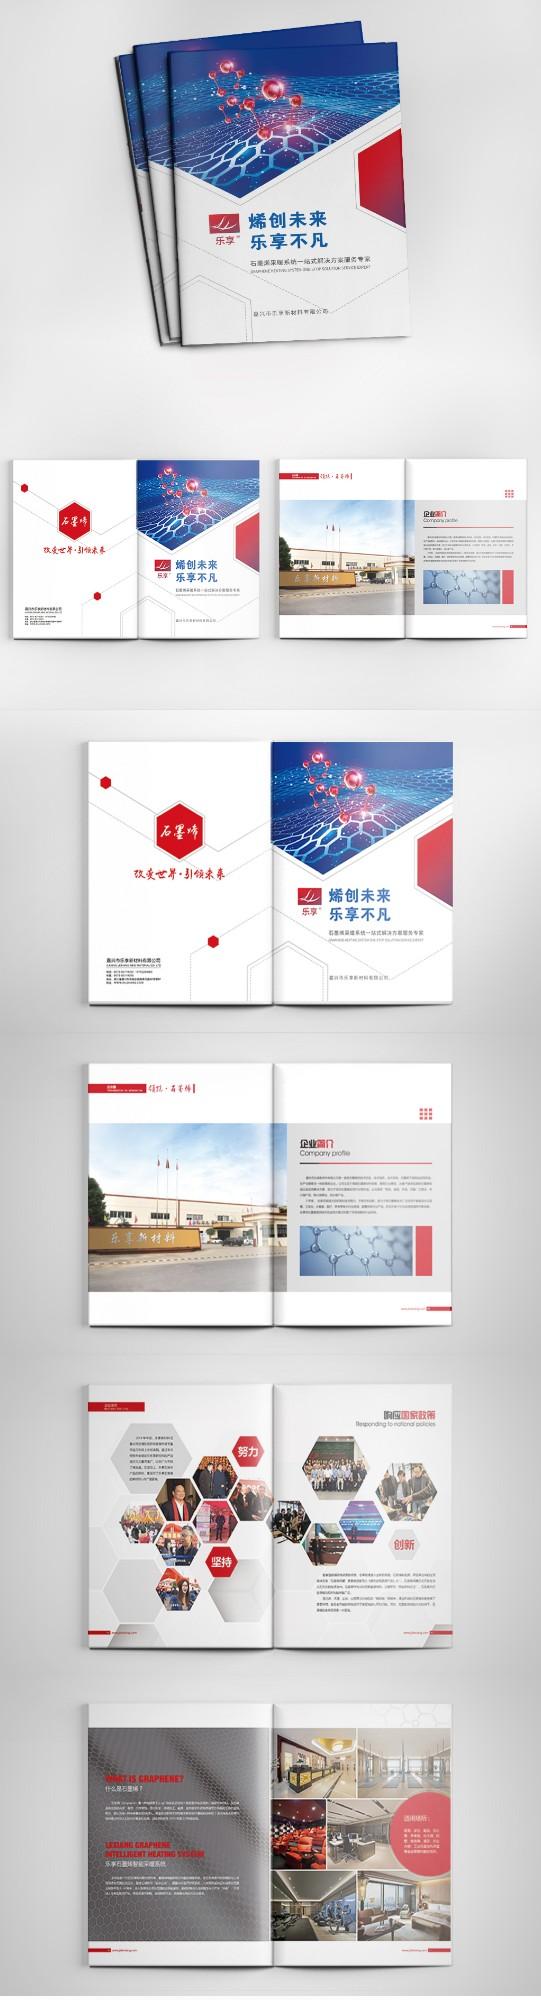 嘉兴市乐享石墨烯新材料有限公司画册设计